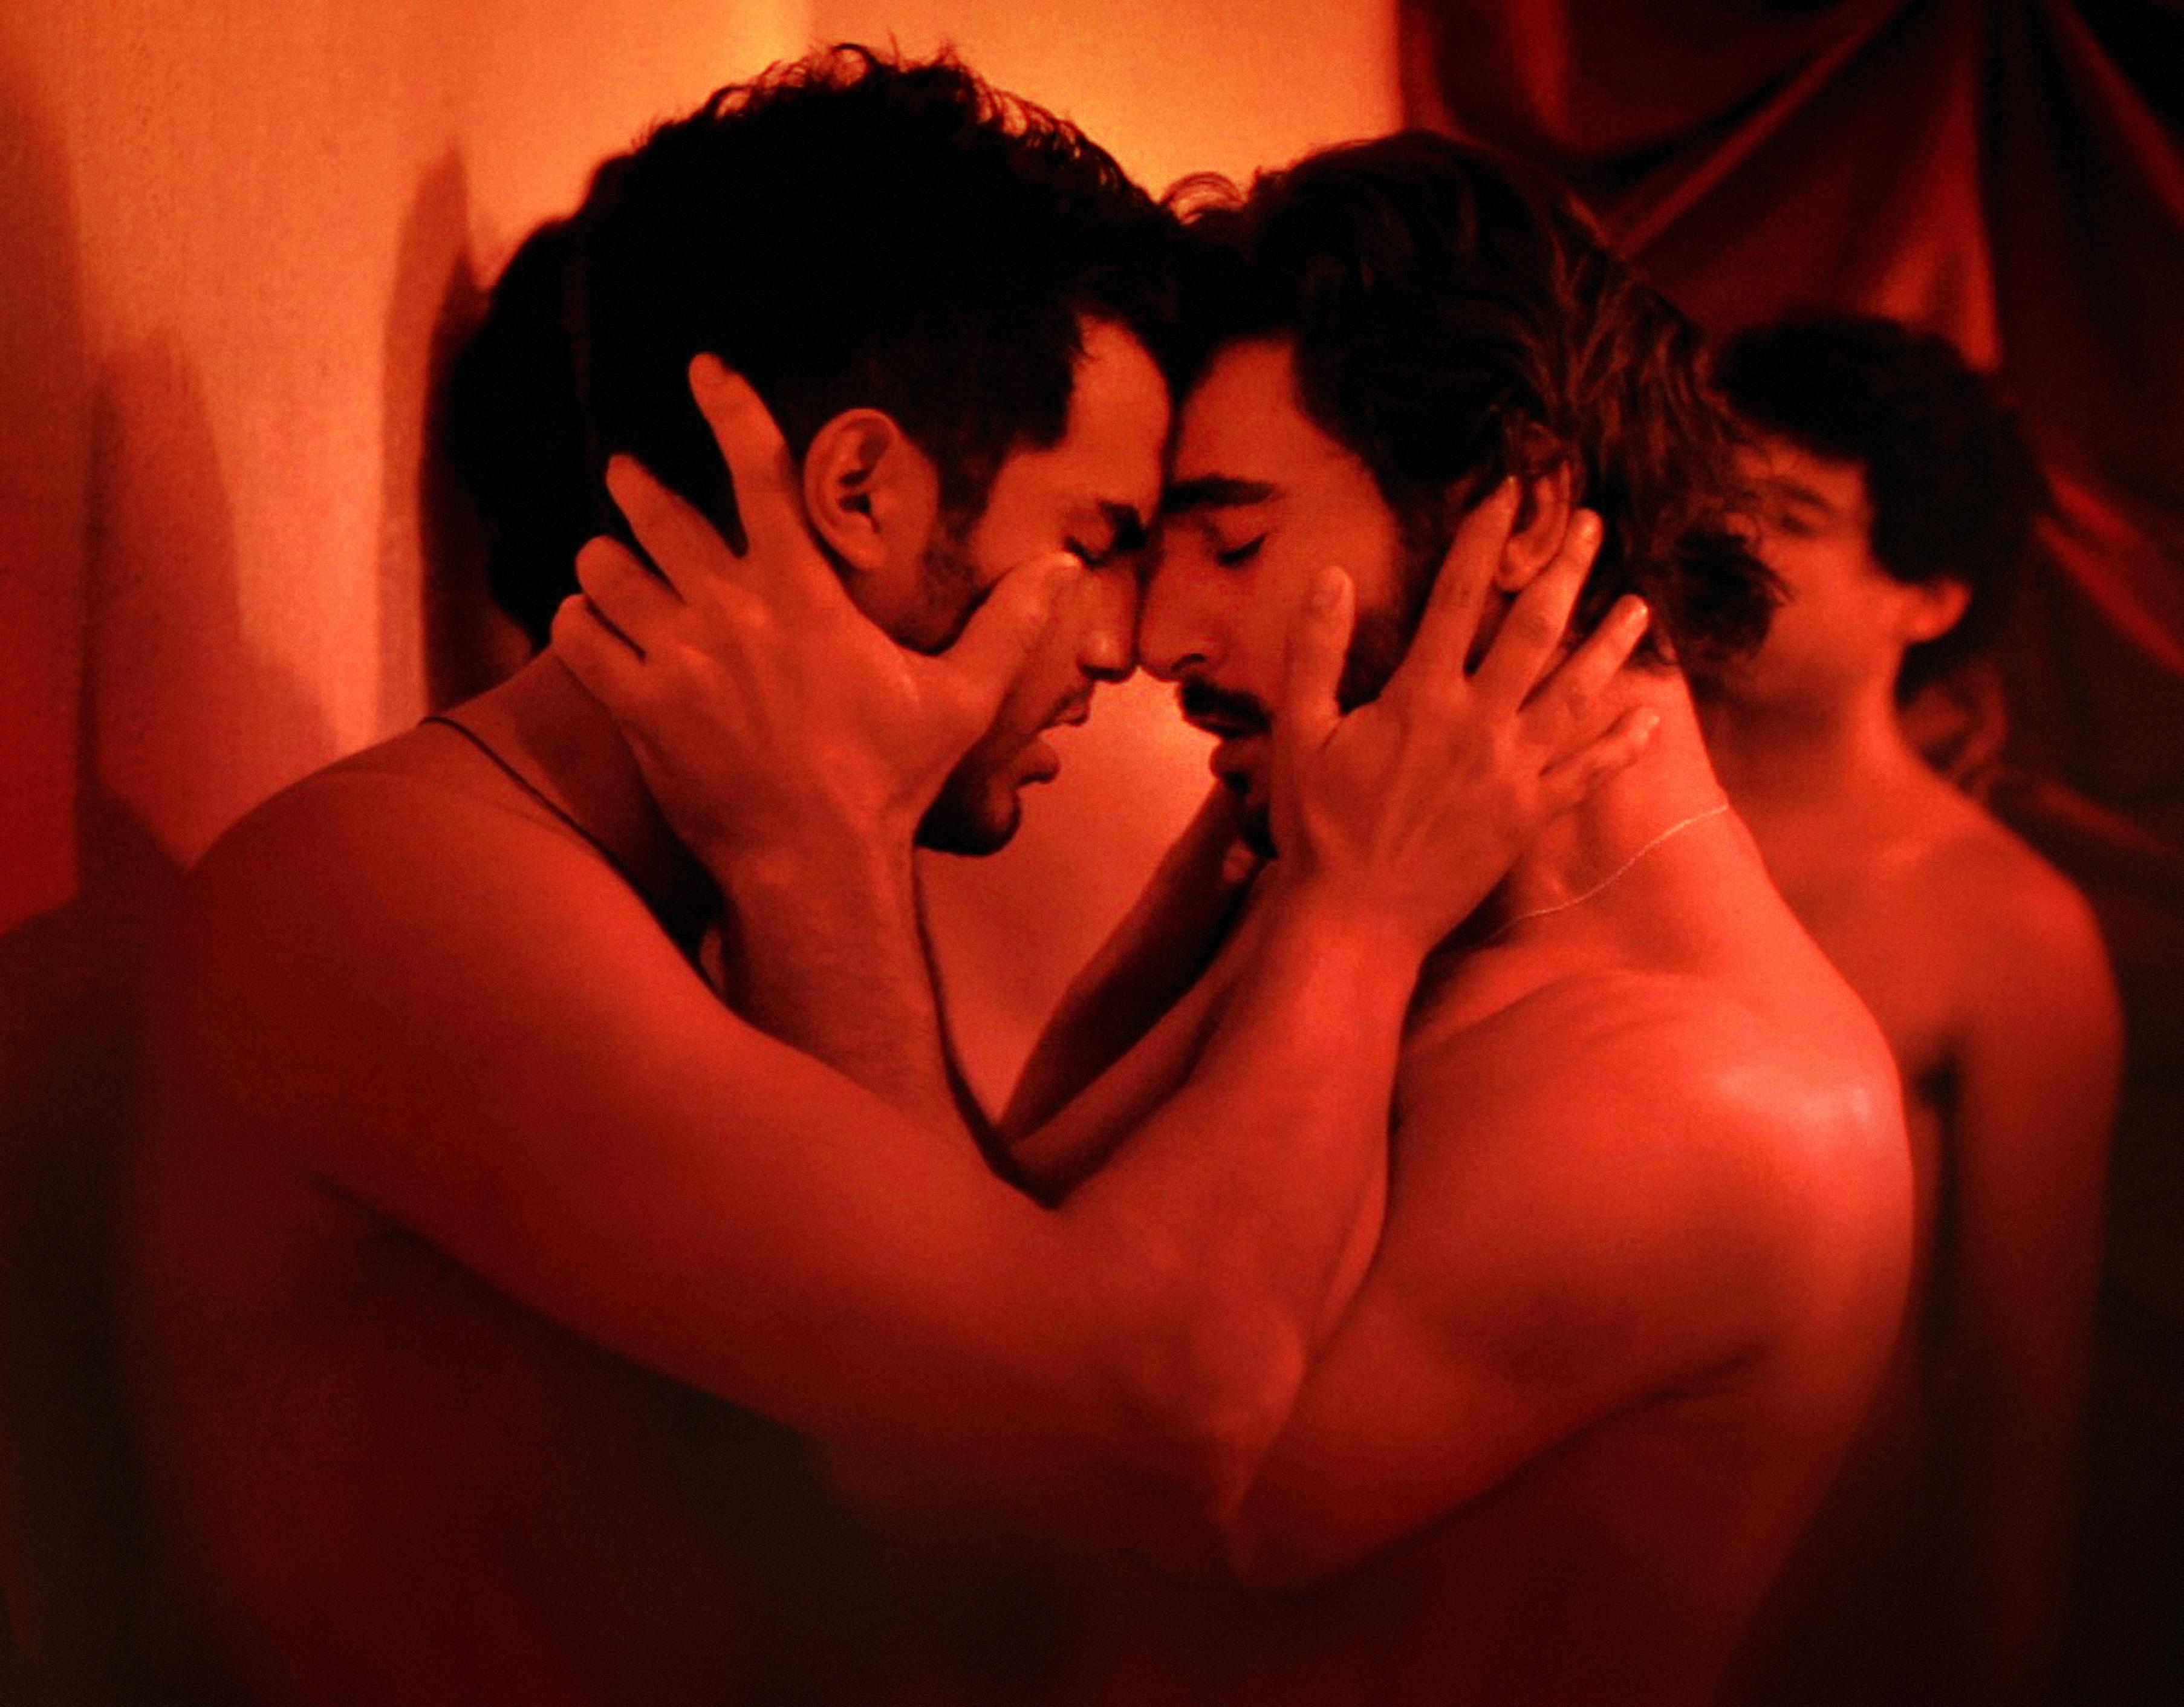 Flamer tshirt gay pride t shirt gay marriage tshirt my